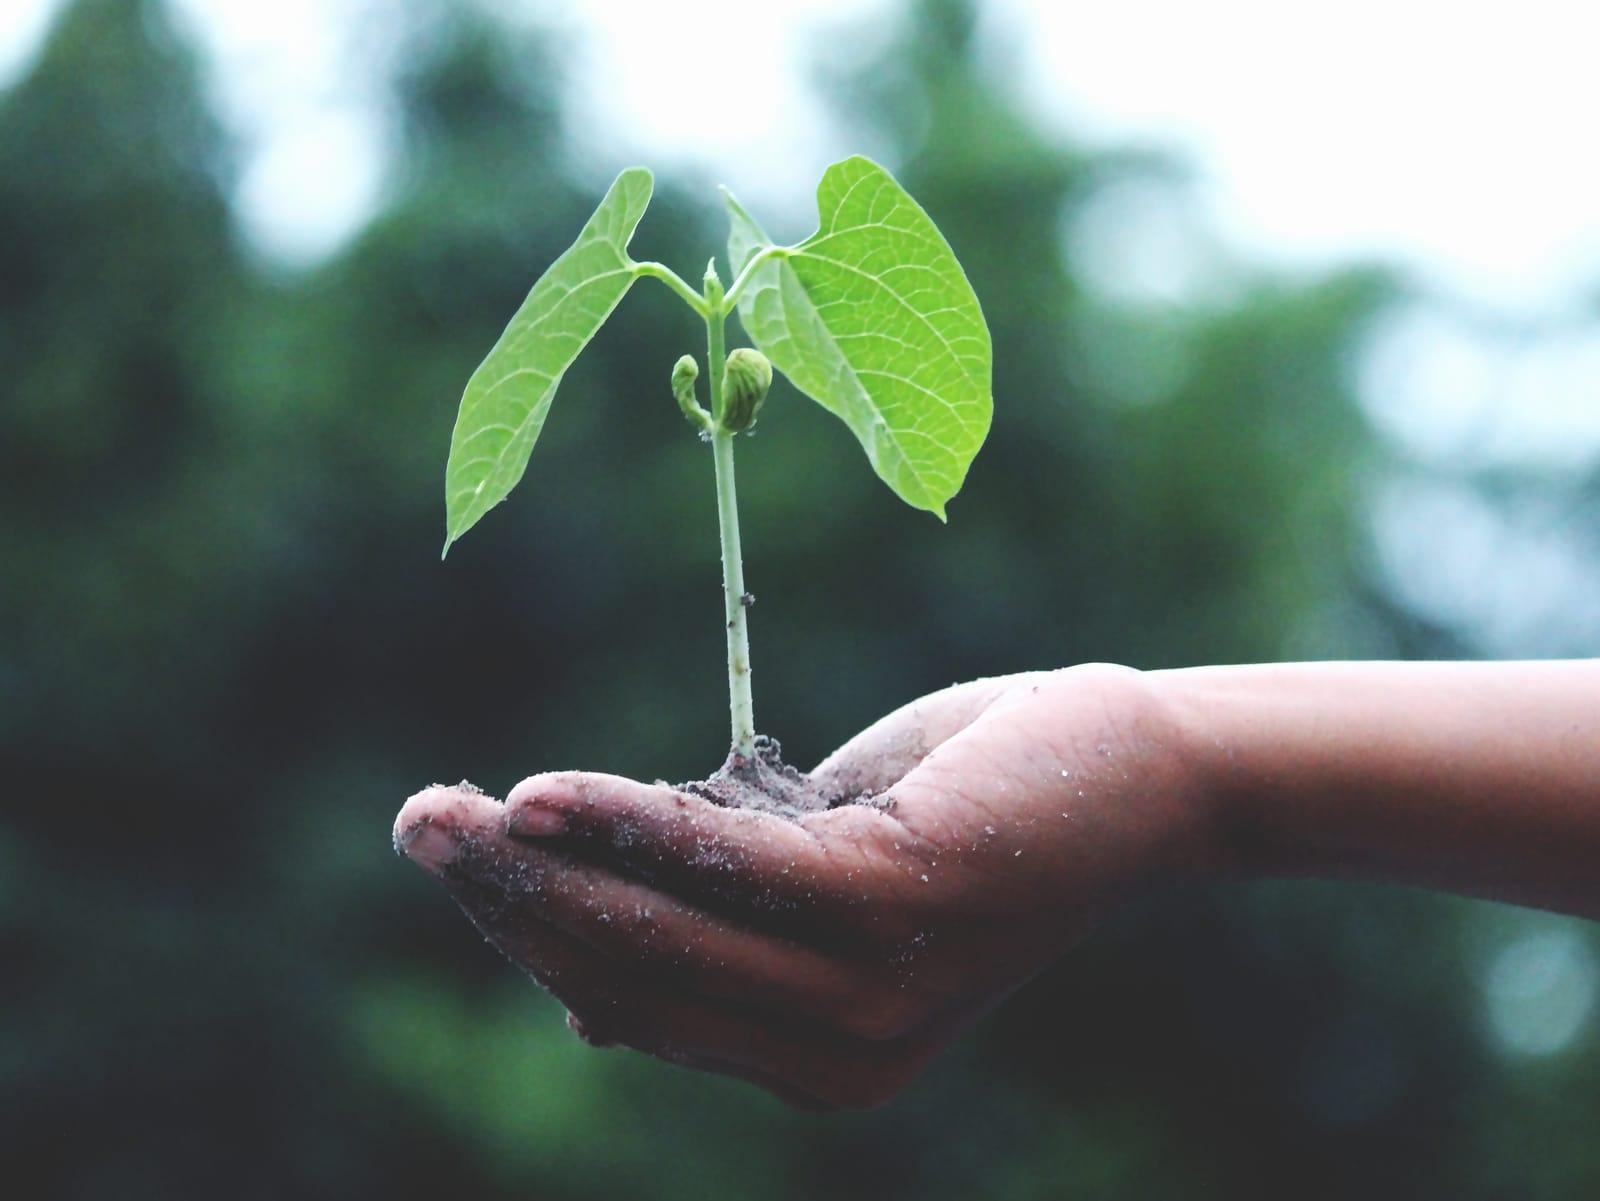 groeiend-plantje-tu-innnovation-prize-greenport-duin-en-bollenstreek